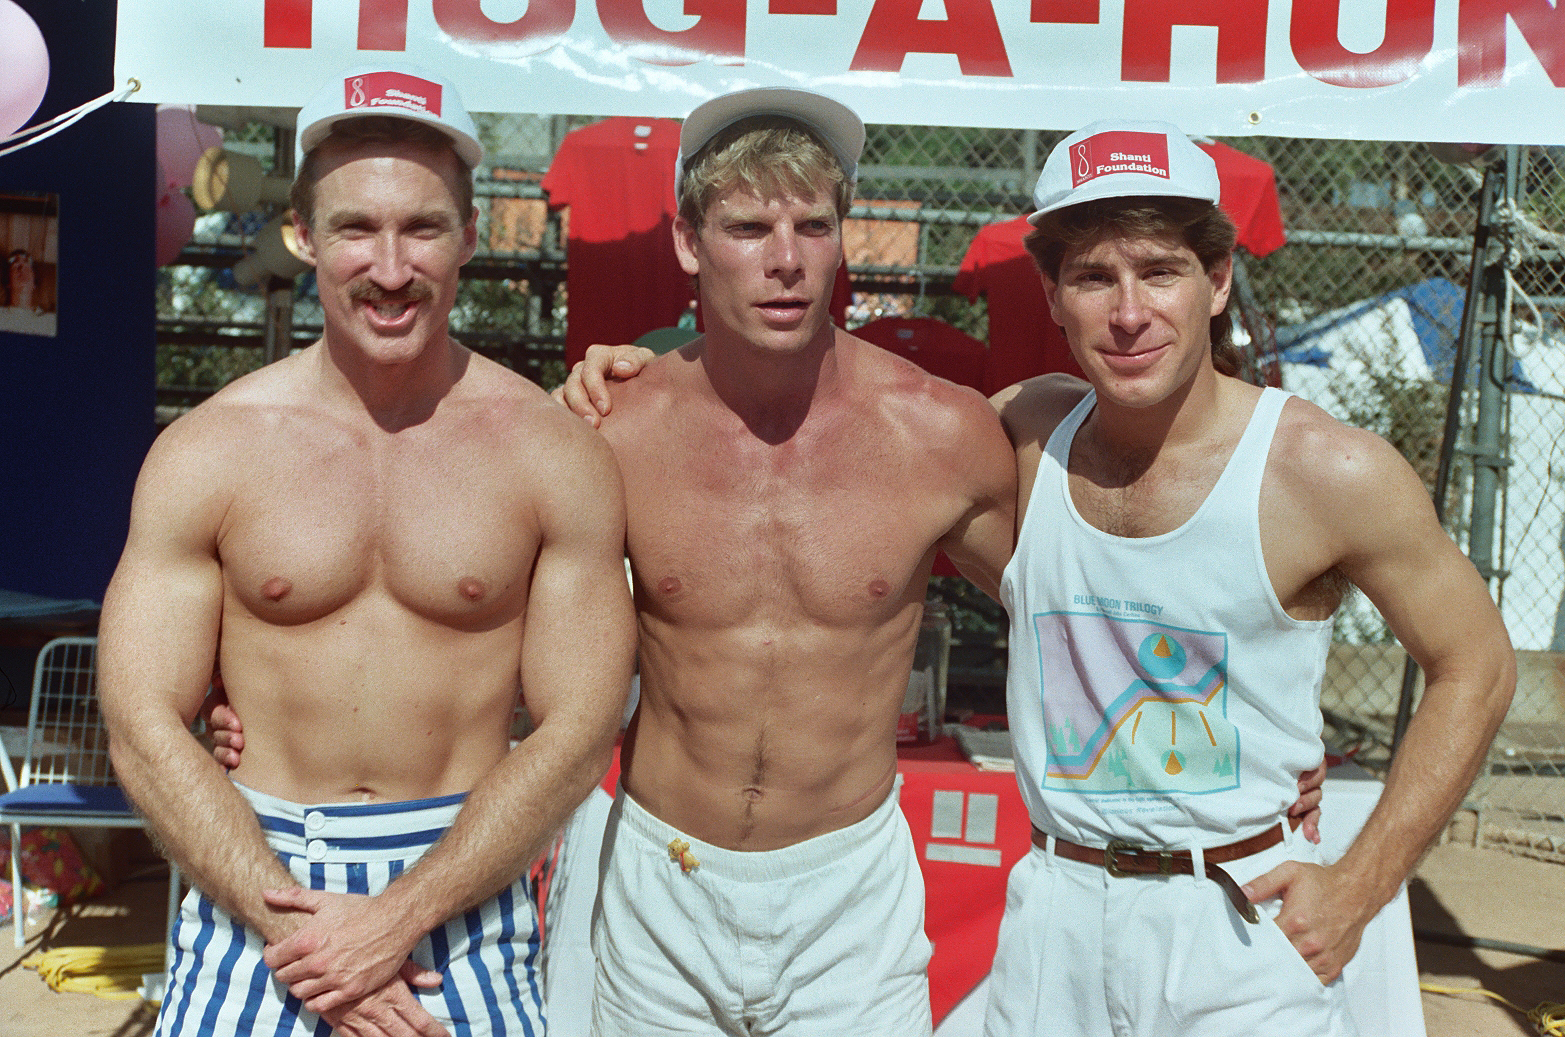 la-pride-1987-1995_21689166373_o